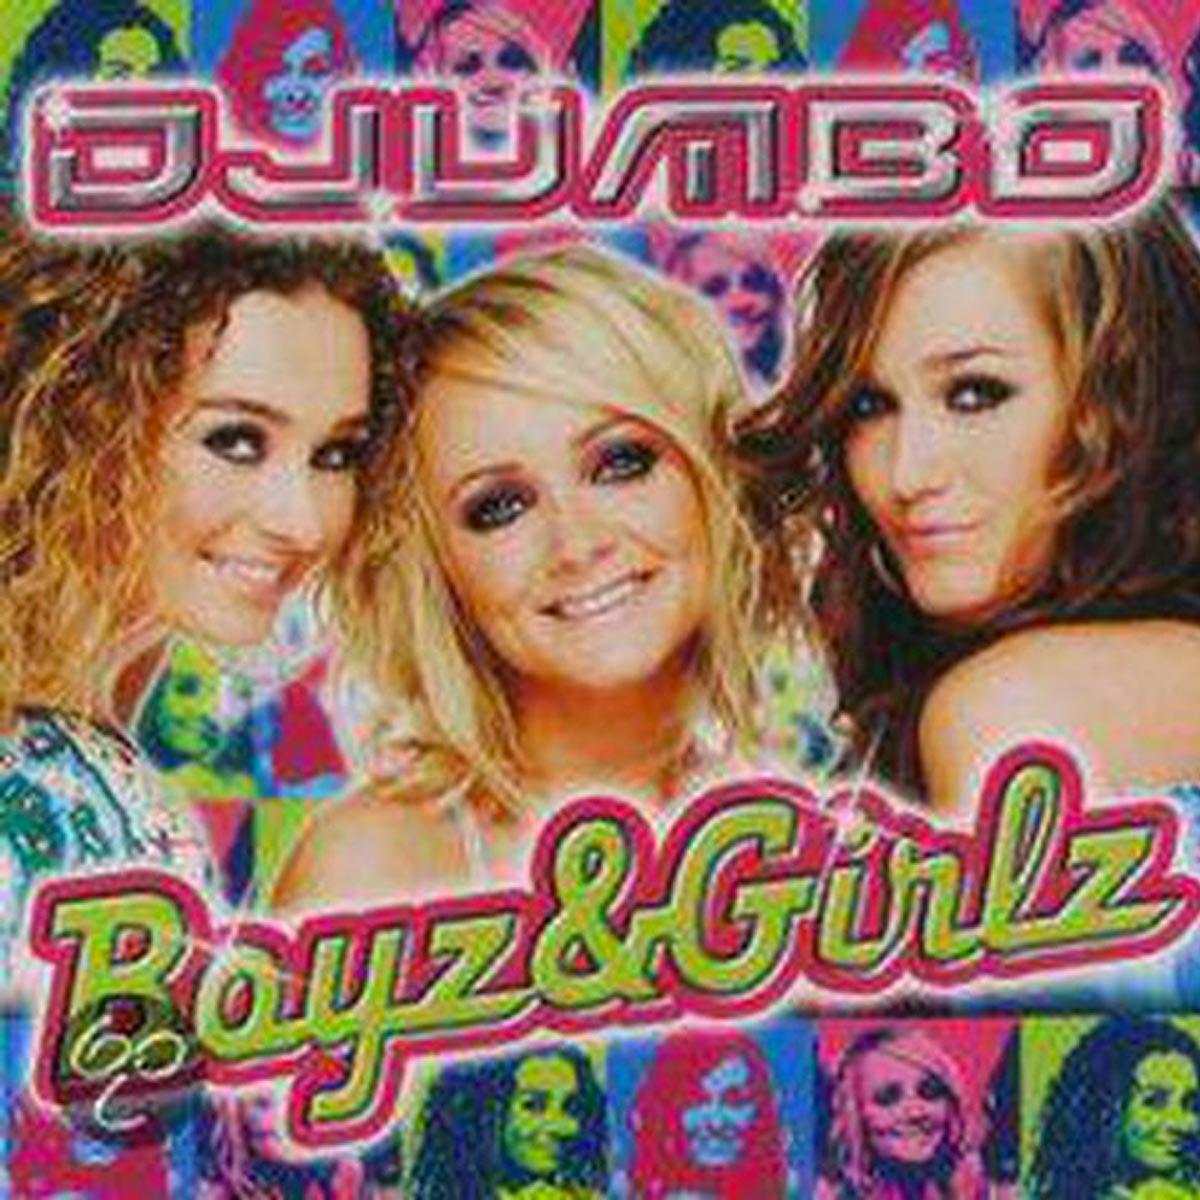 Hitsingle Boyz & Girlz  van Djumbo